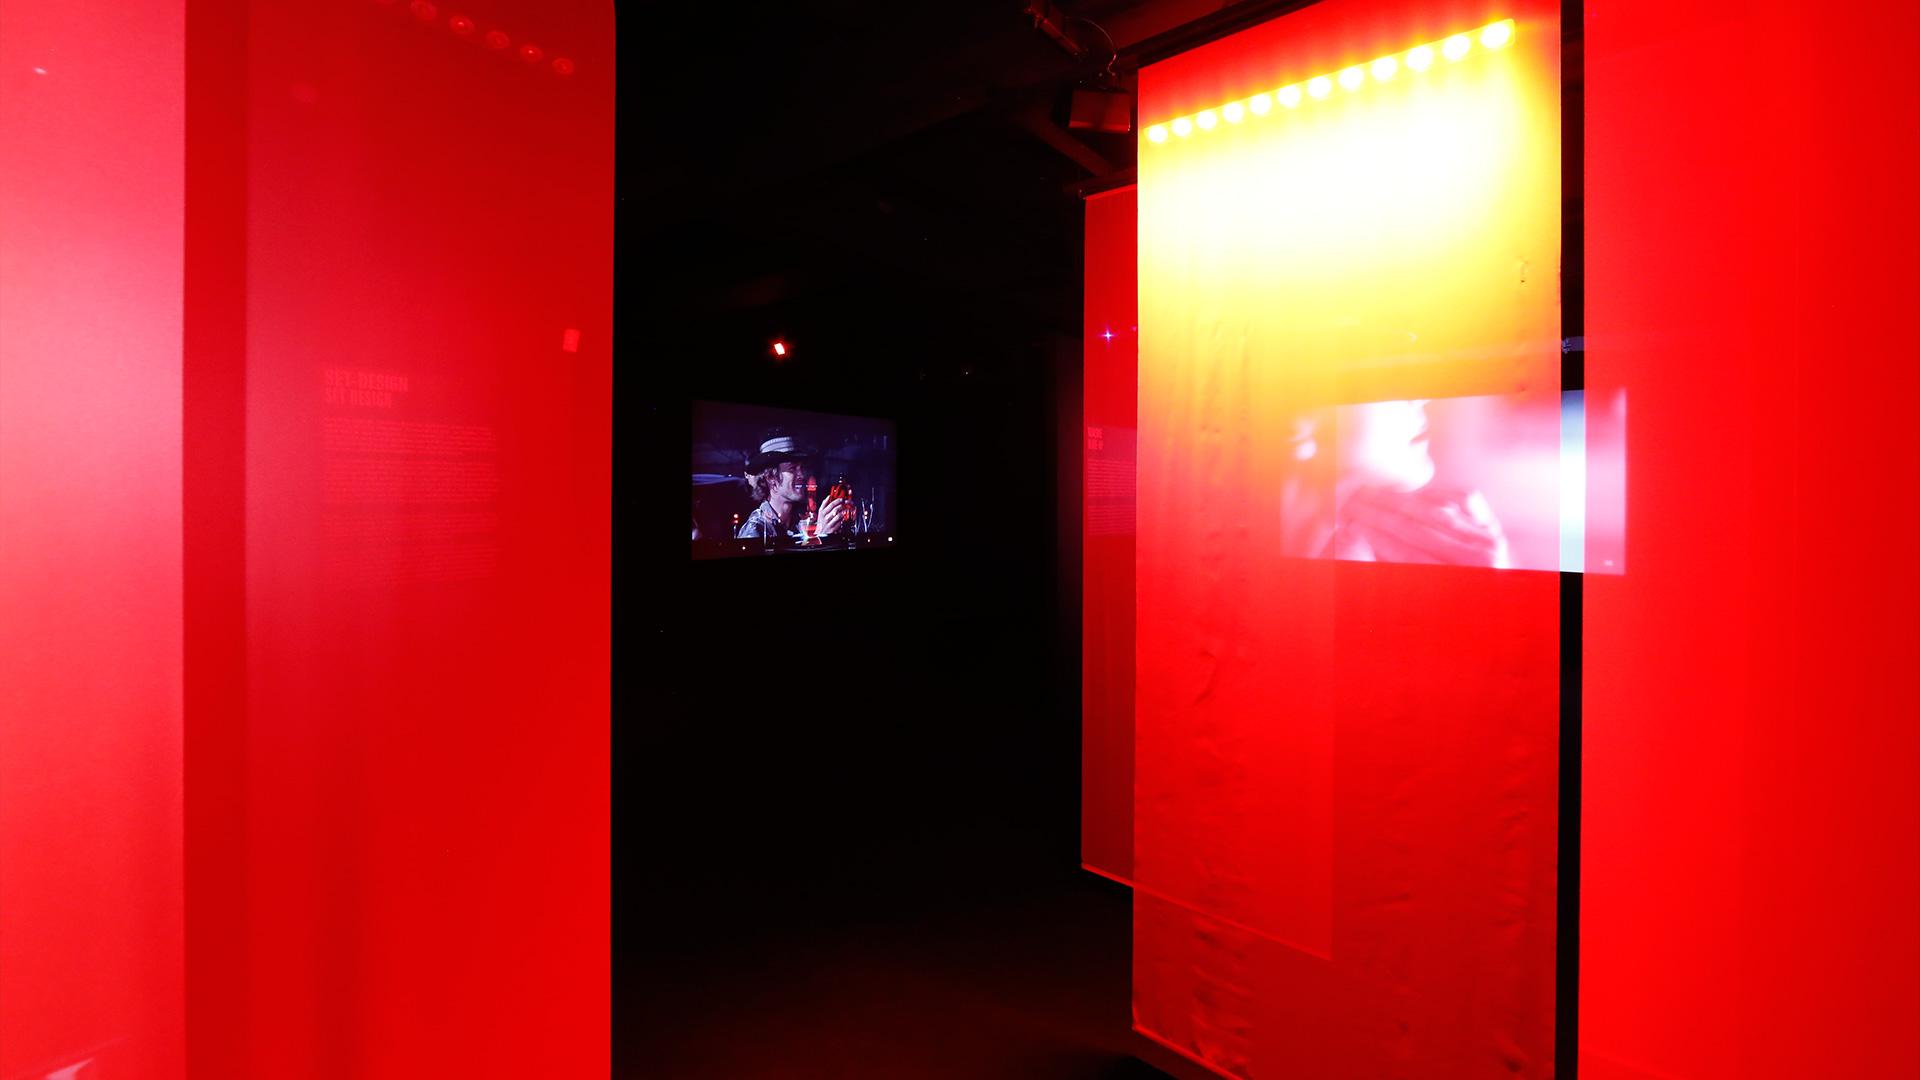 ROT. Eine Filminstallation im Raum (Bild: Uwe Dettmar. Quelle: Deutsches Filminstitut)